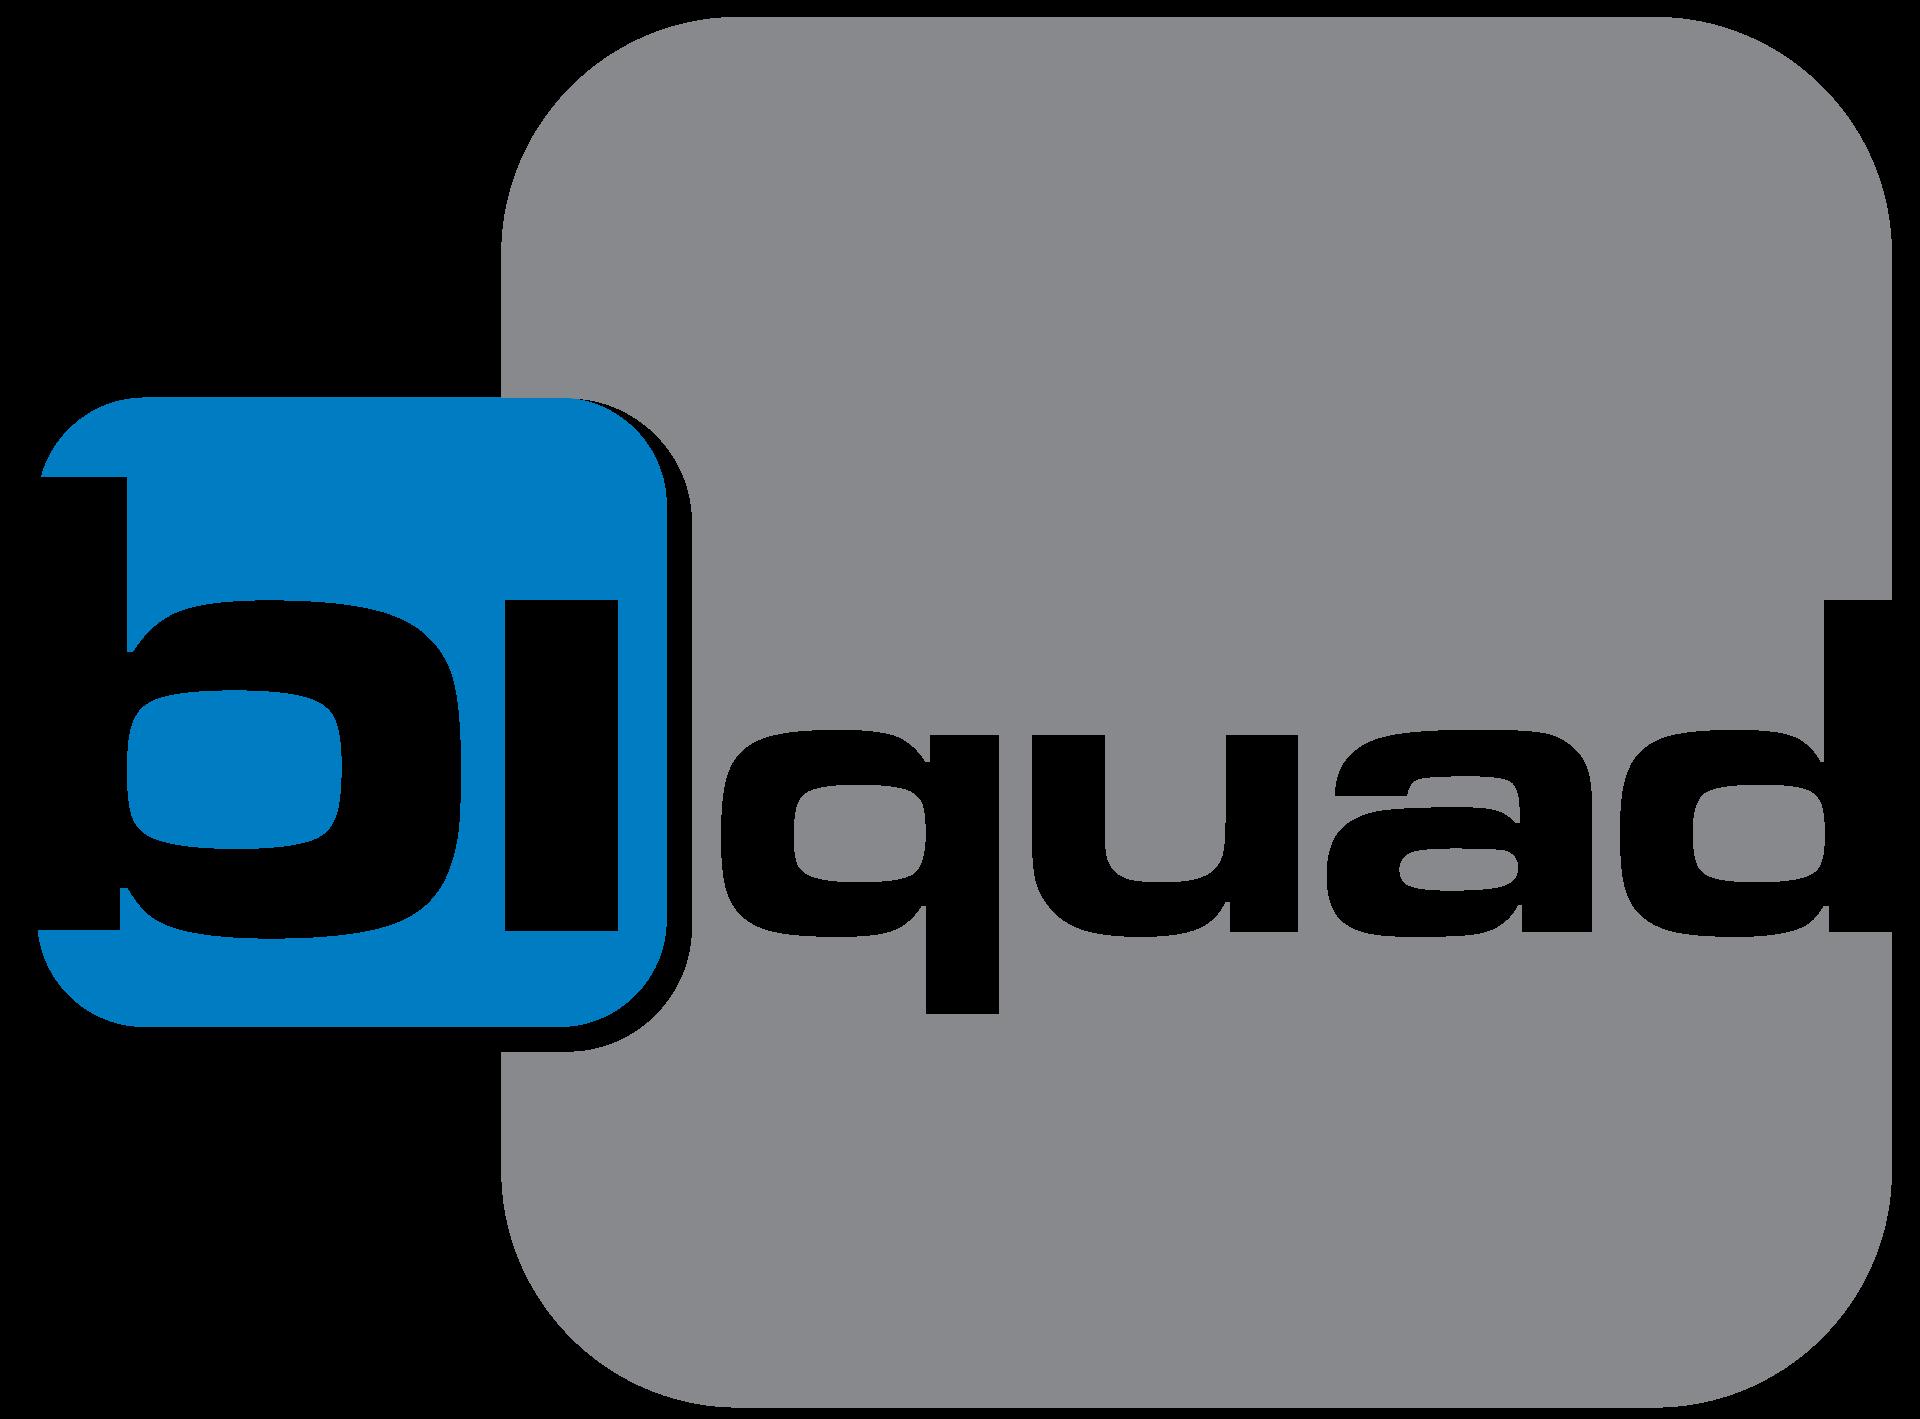 Biquad Broadcast - Equipamentos para Rádios